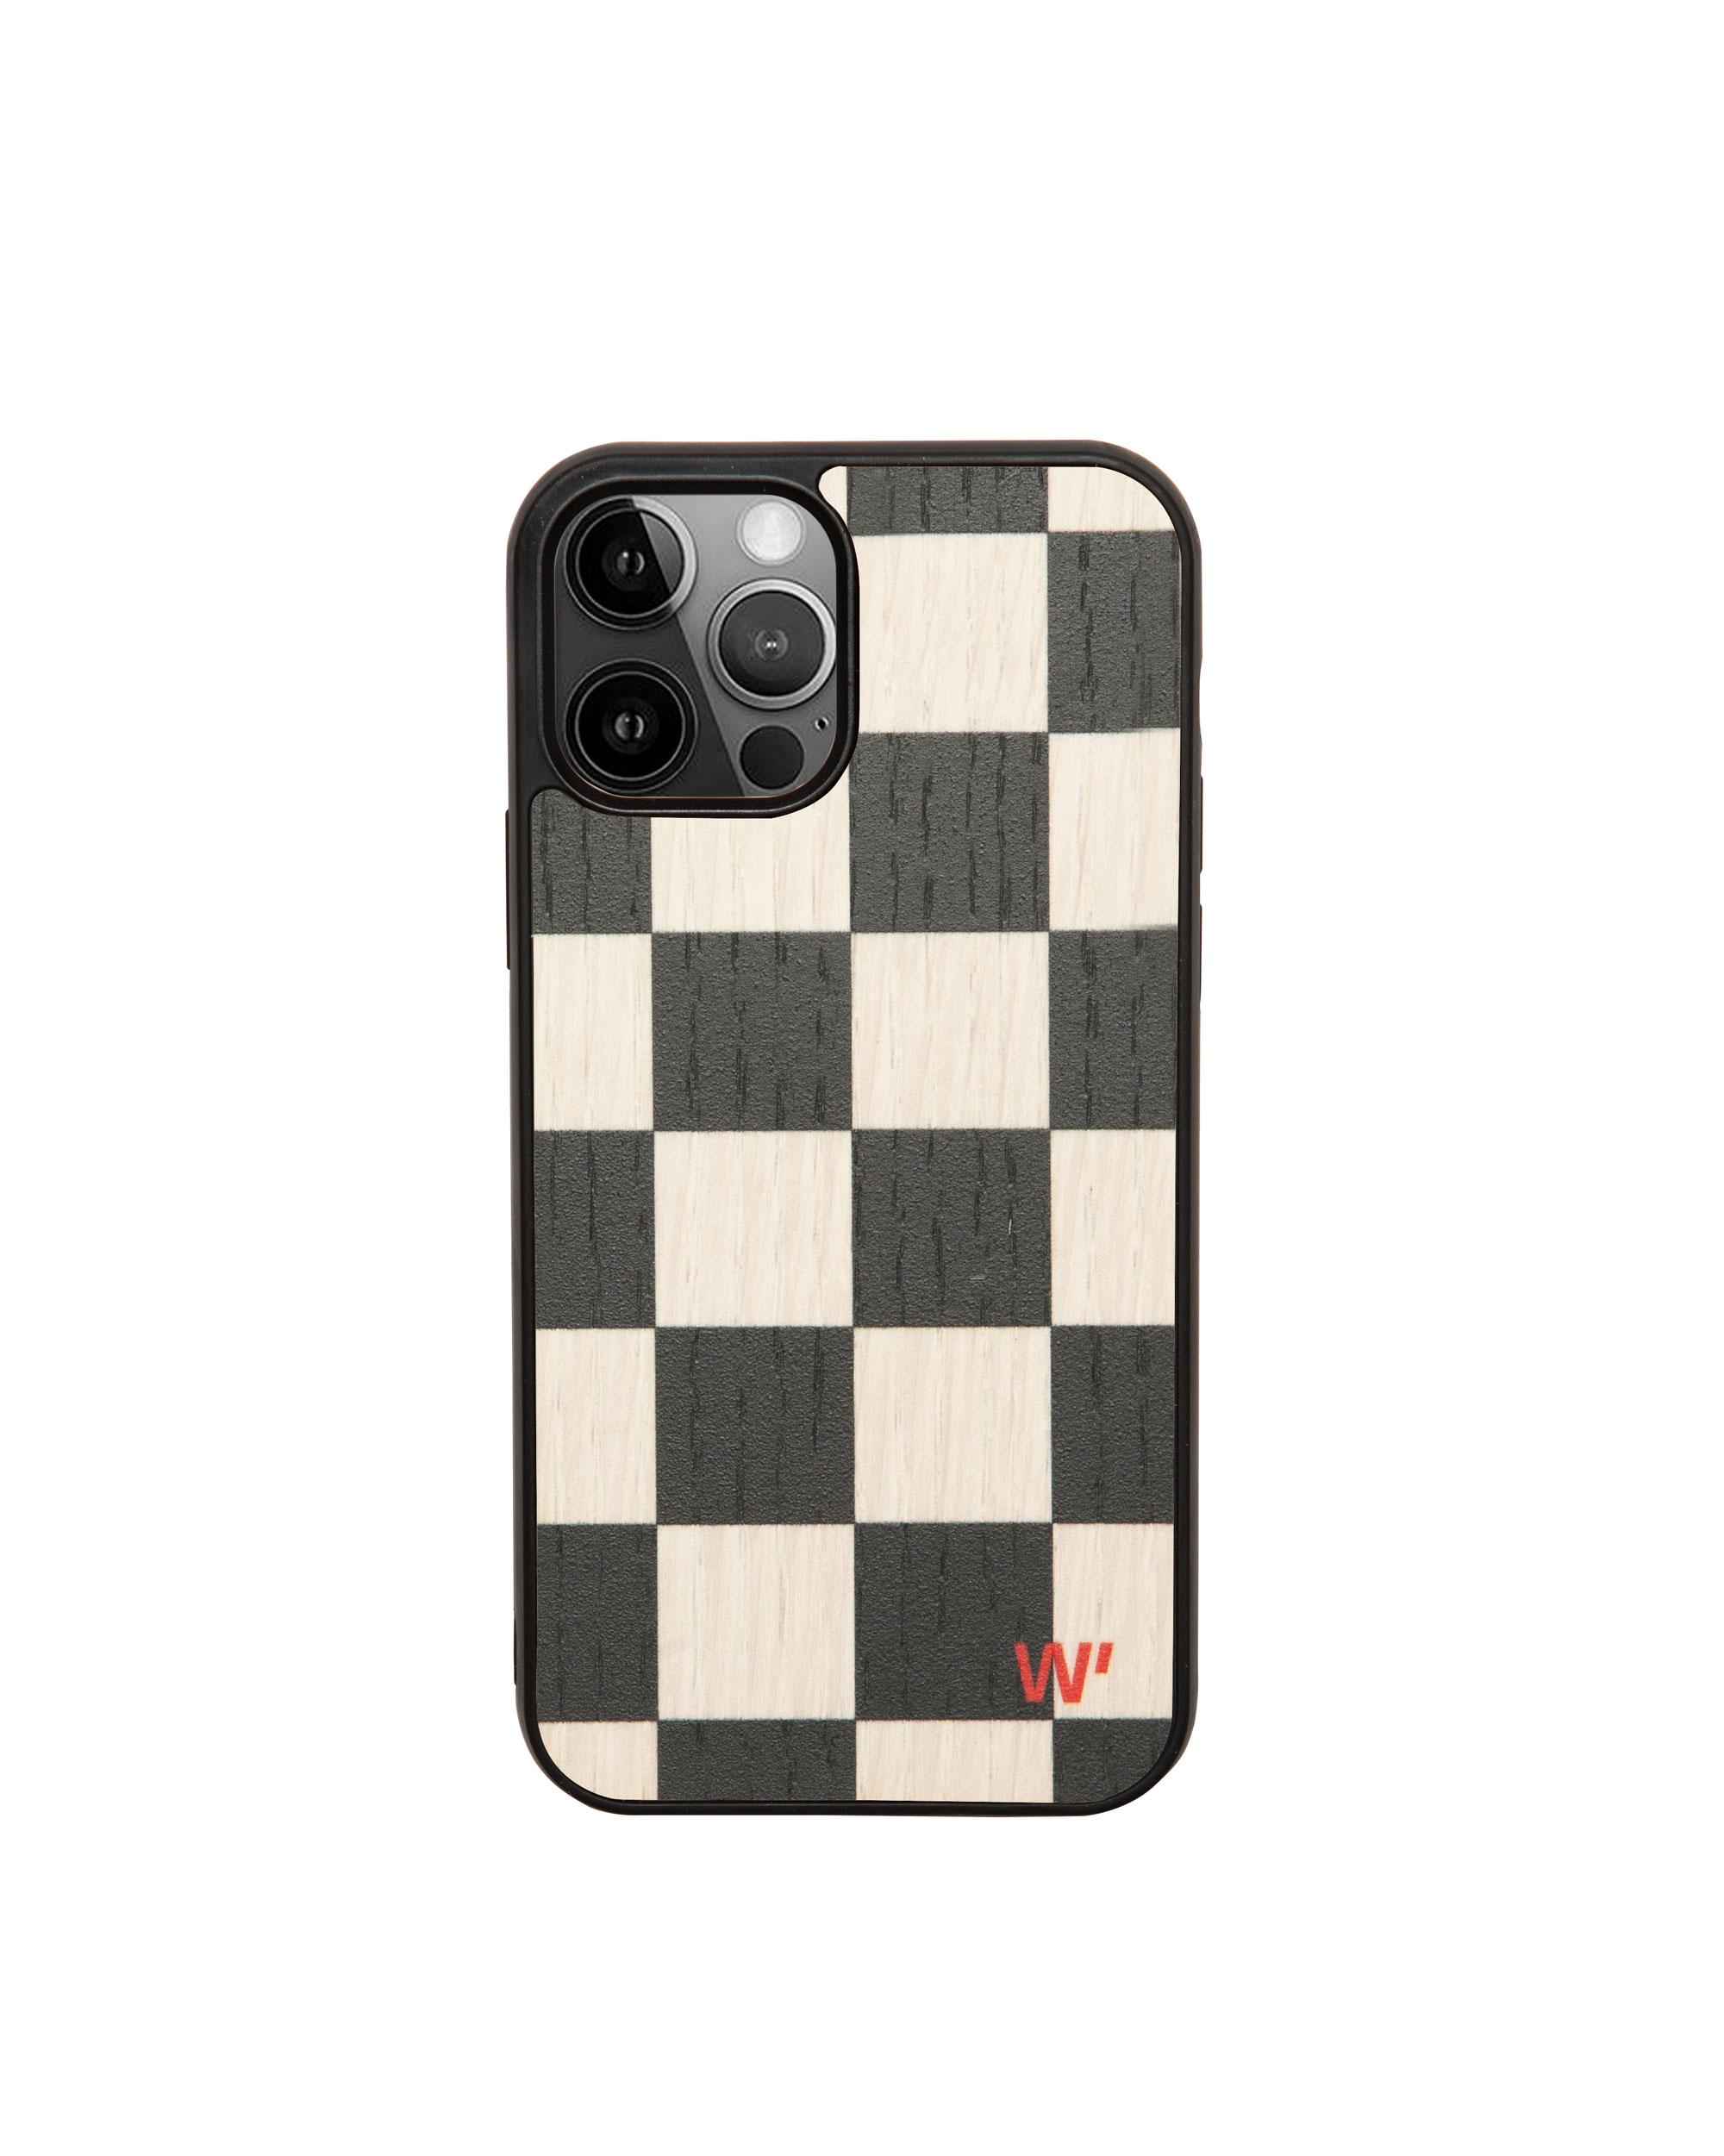 CHECK - Coque en bois pour iPhone 7/8/SE